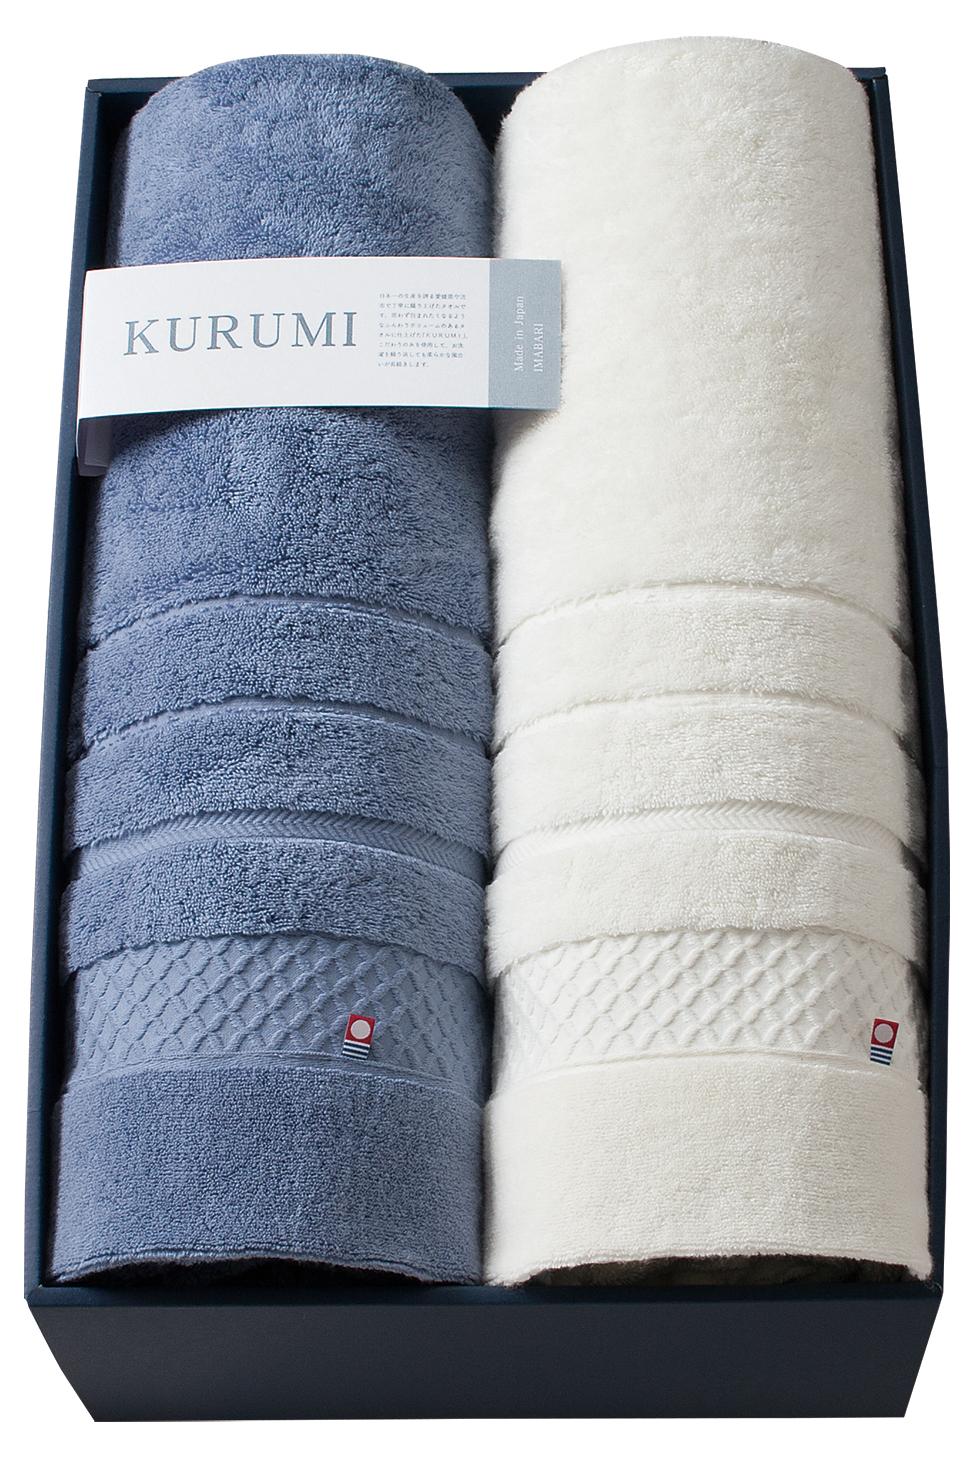 KURUMI 今治製パイル綿毛布2P(ネイビー・ホワイト)